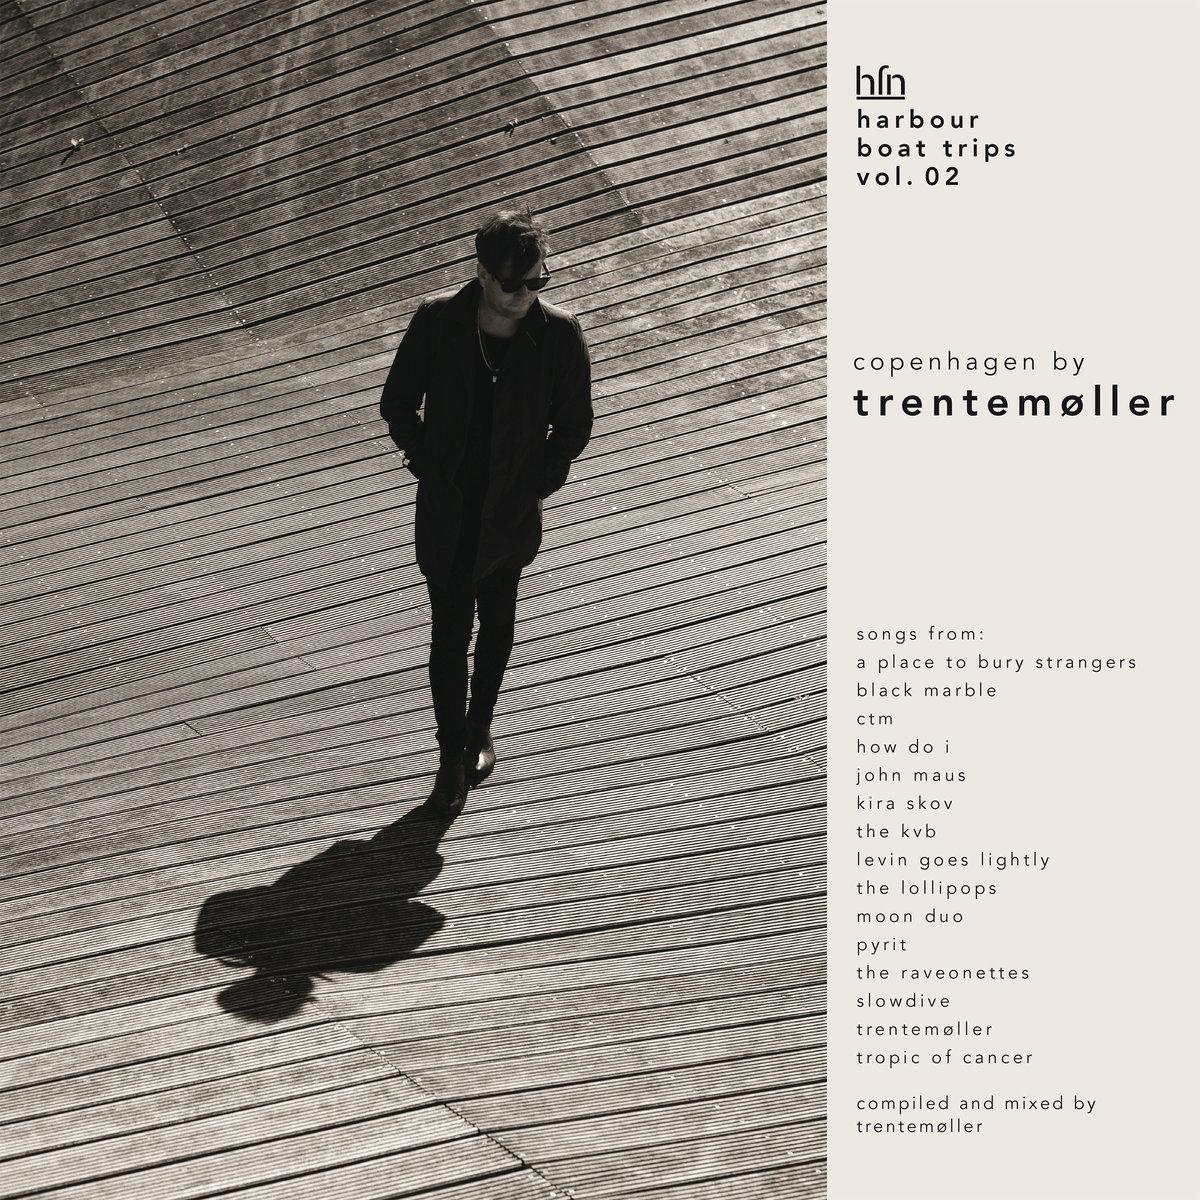 Album of the week: Harbour Boat Trips Vol. 2 by Trentmøller